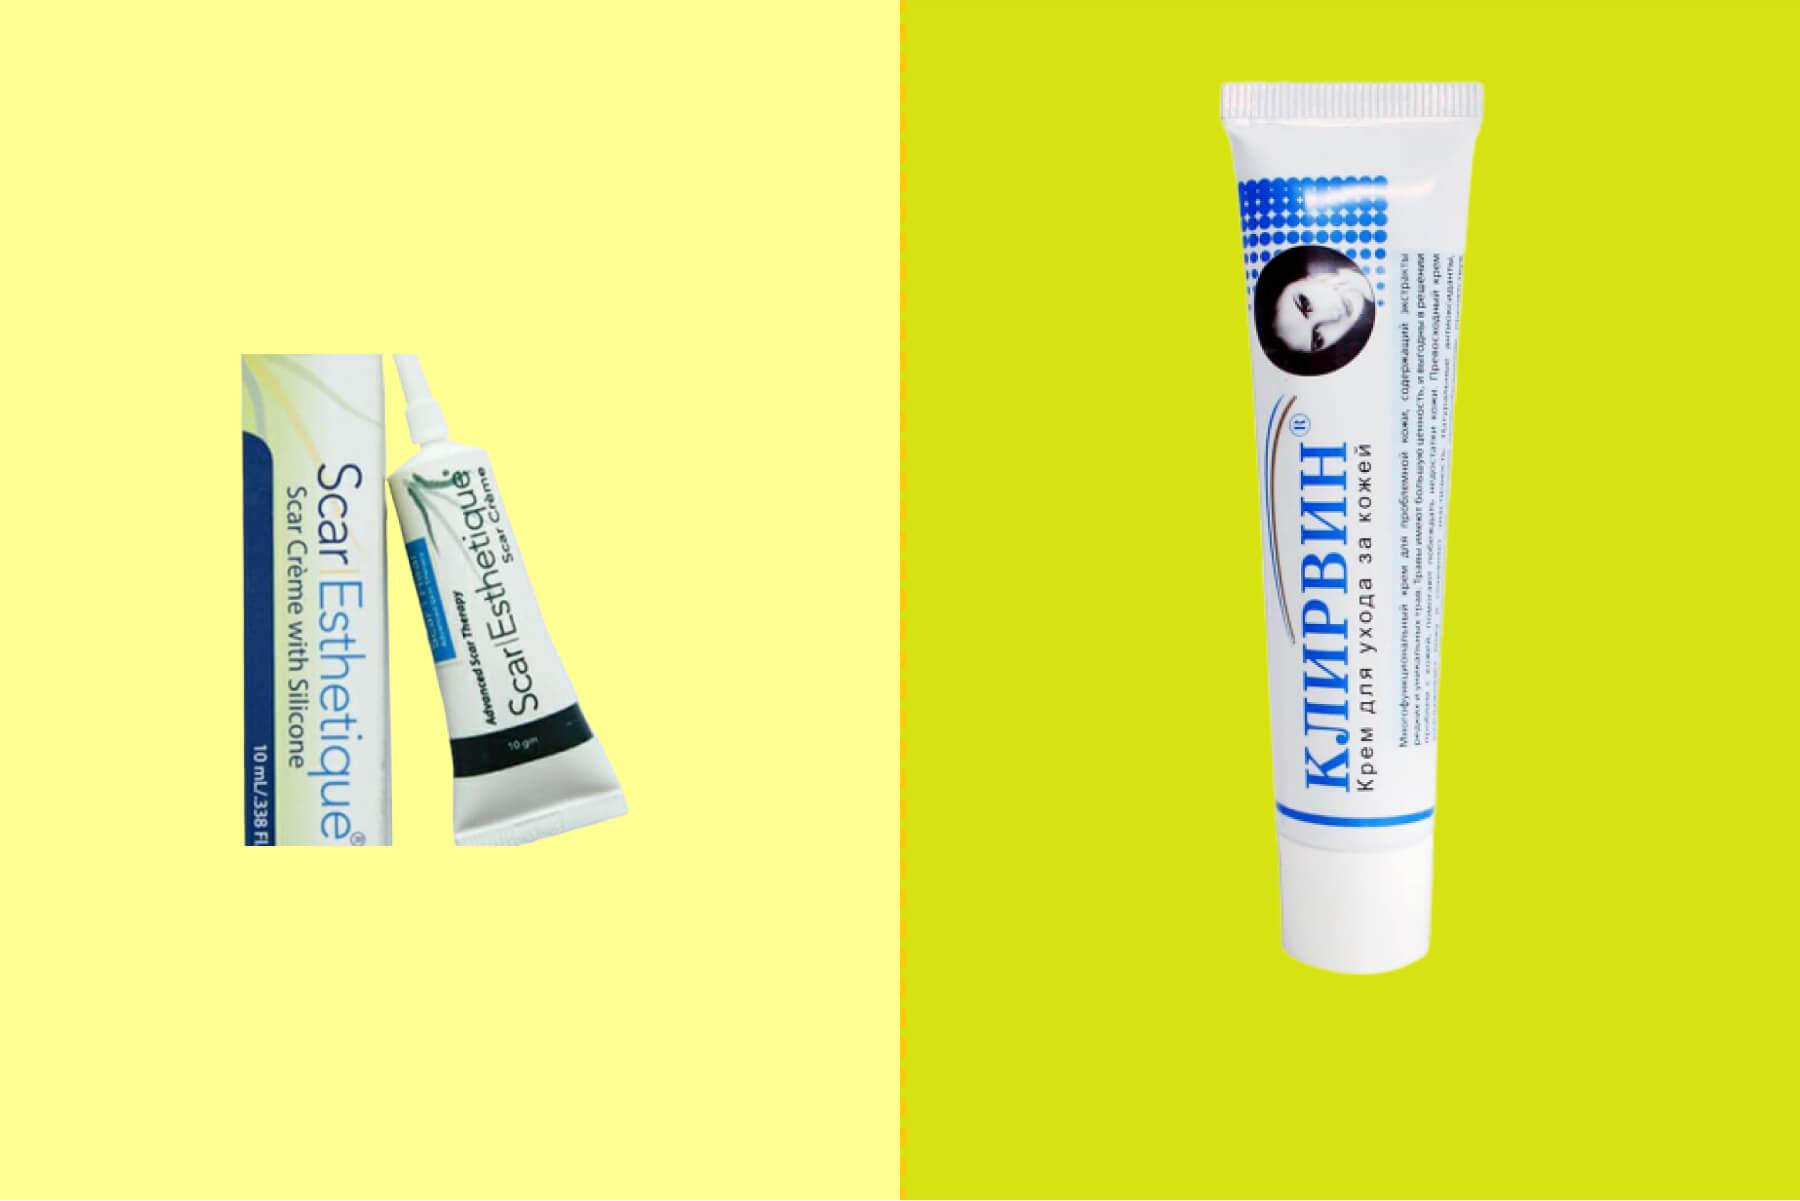 Mách bạn chọn kem trị sẹo rỗ hiệu quả, an toàn